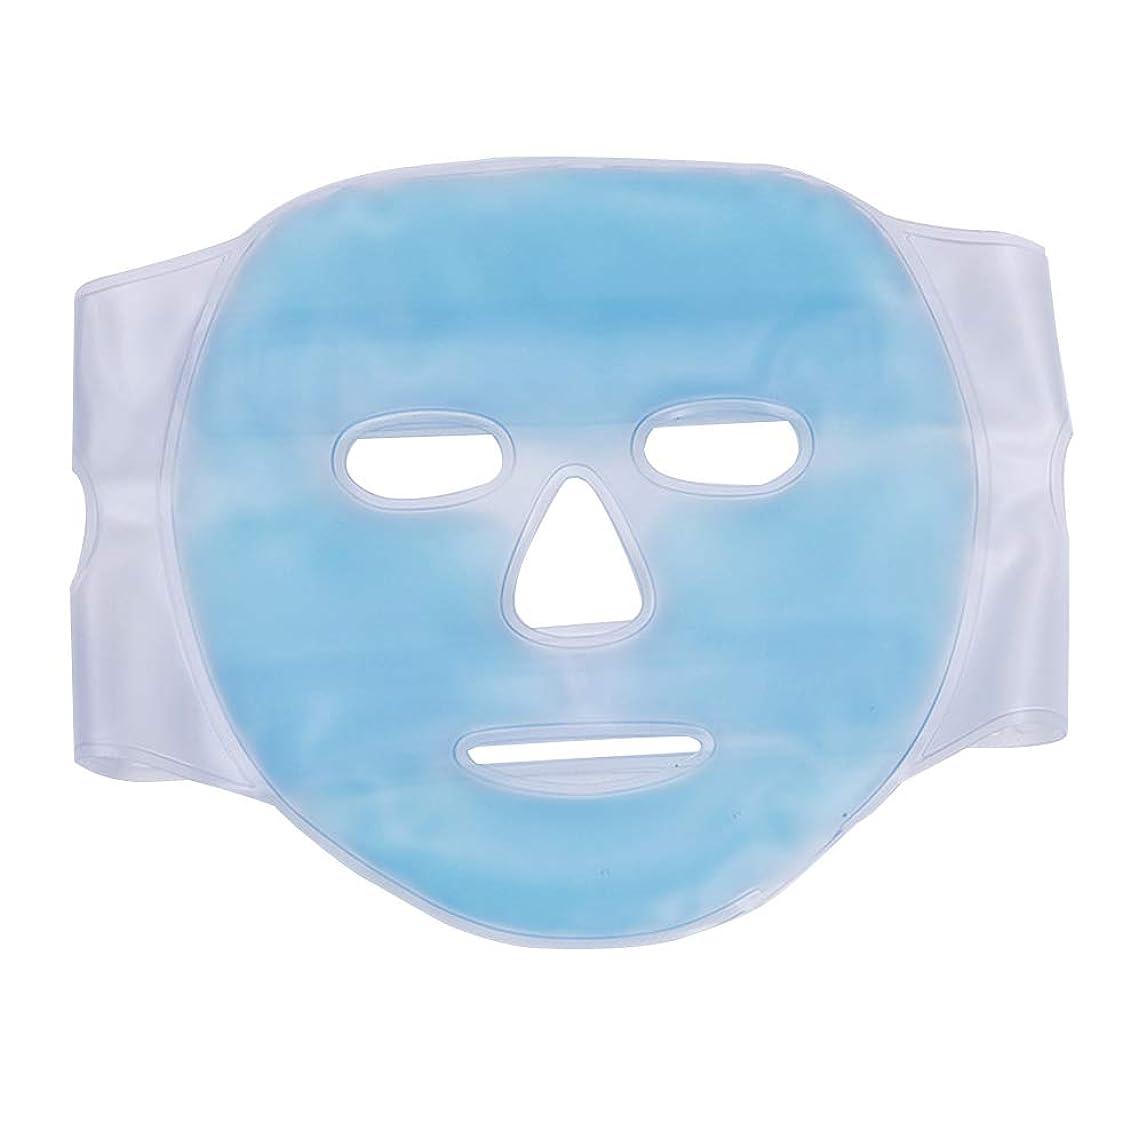 資格マットパークSUPVOX 美容マスクホットコールドセラピージェルビーズフルフェイシャルマスク睡眠用片頭痛緩腫れぼったい顔(青)